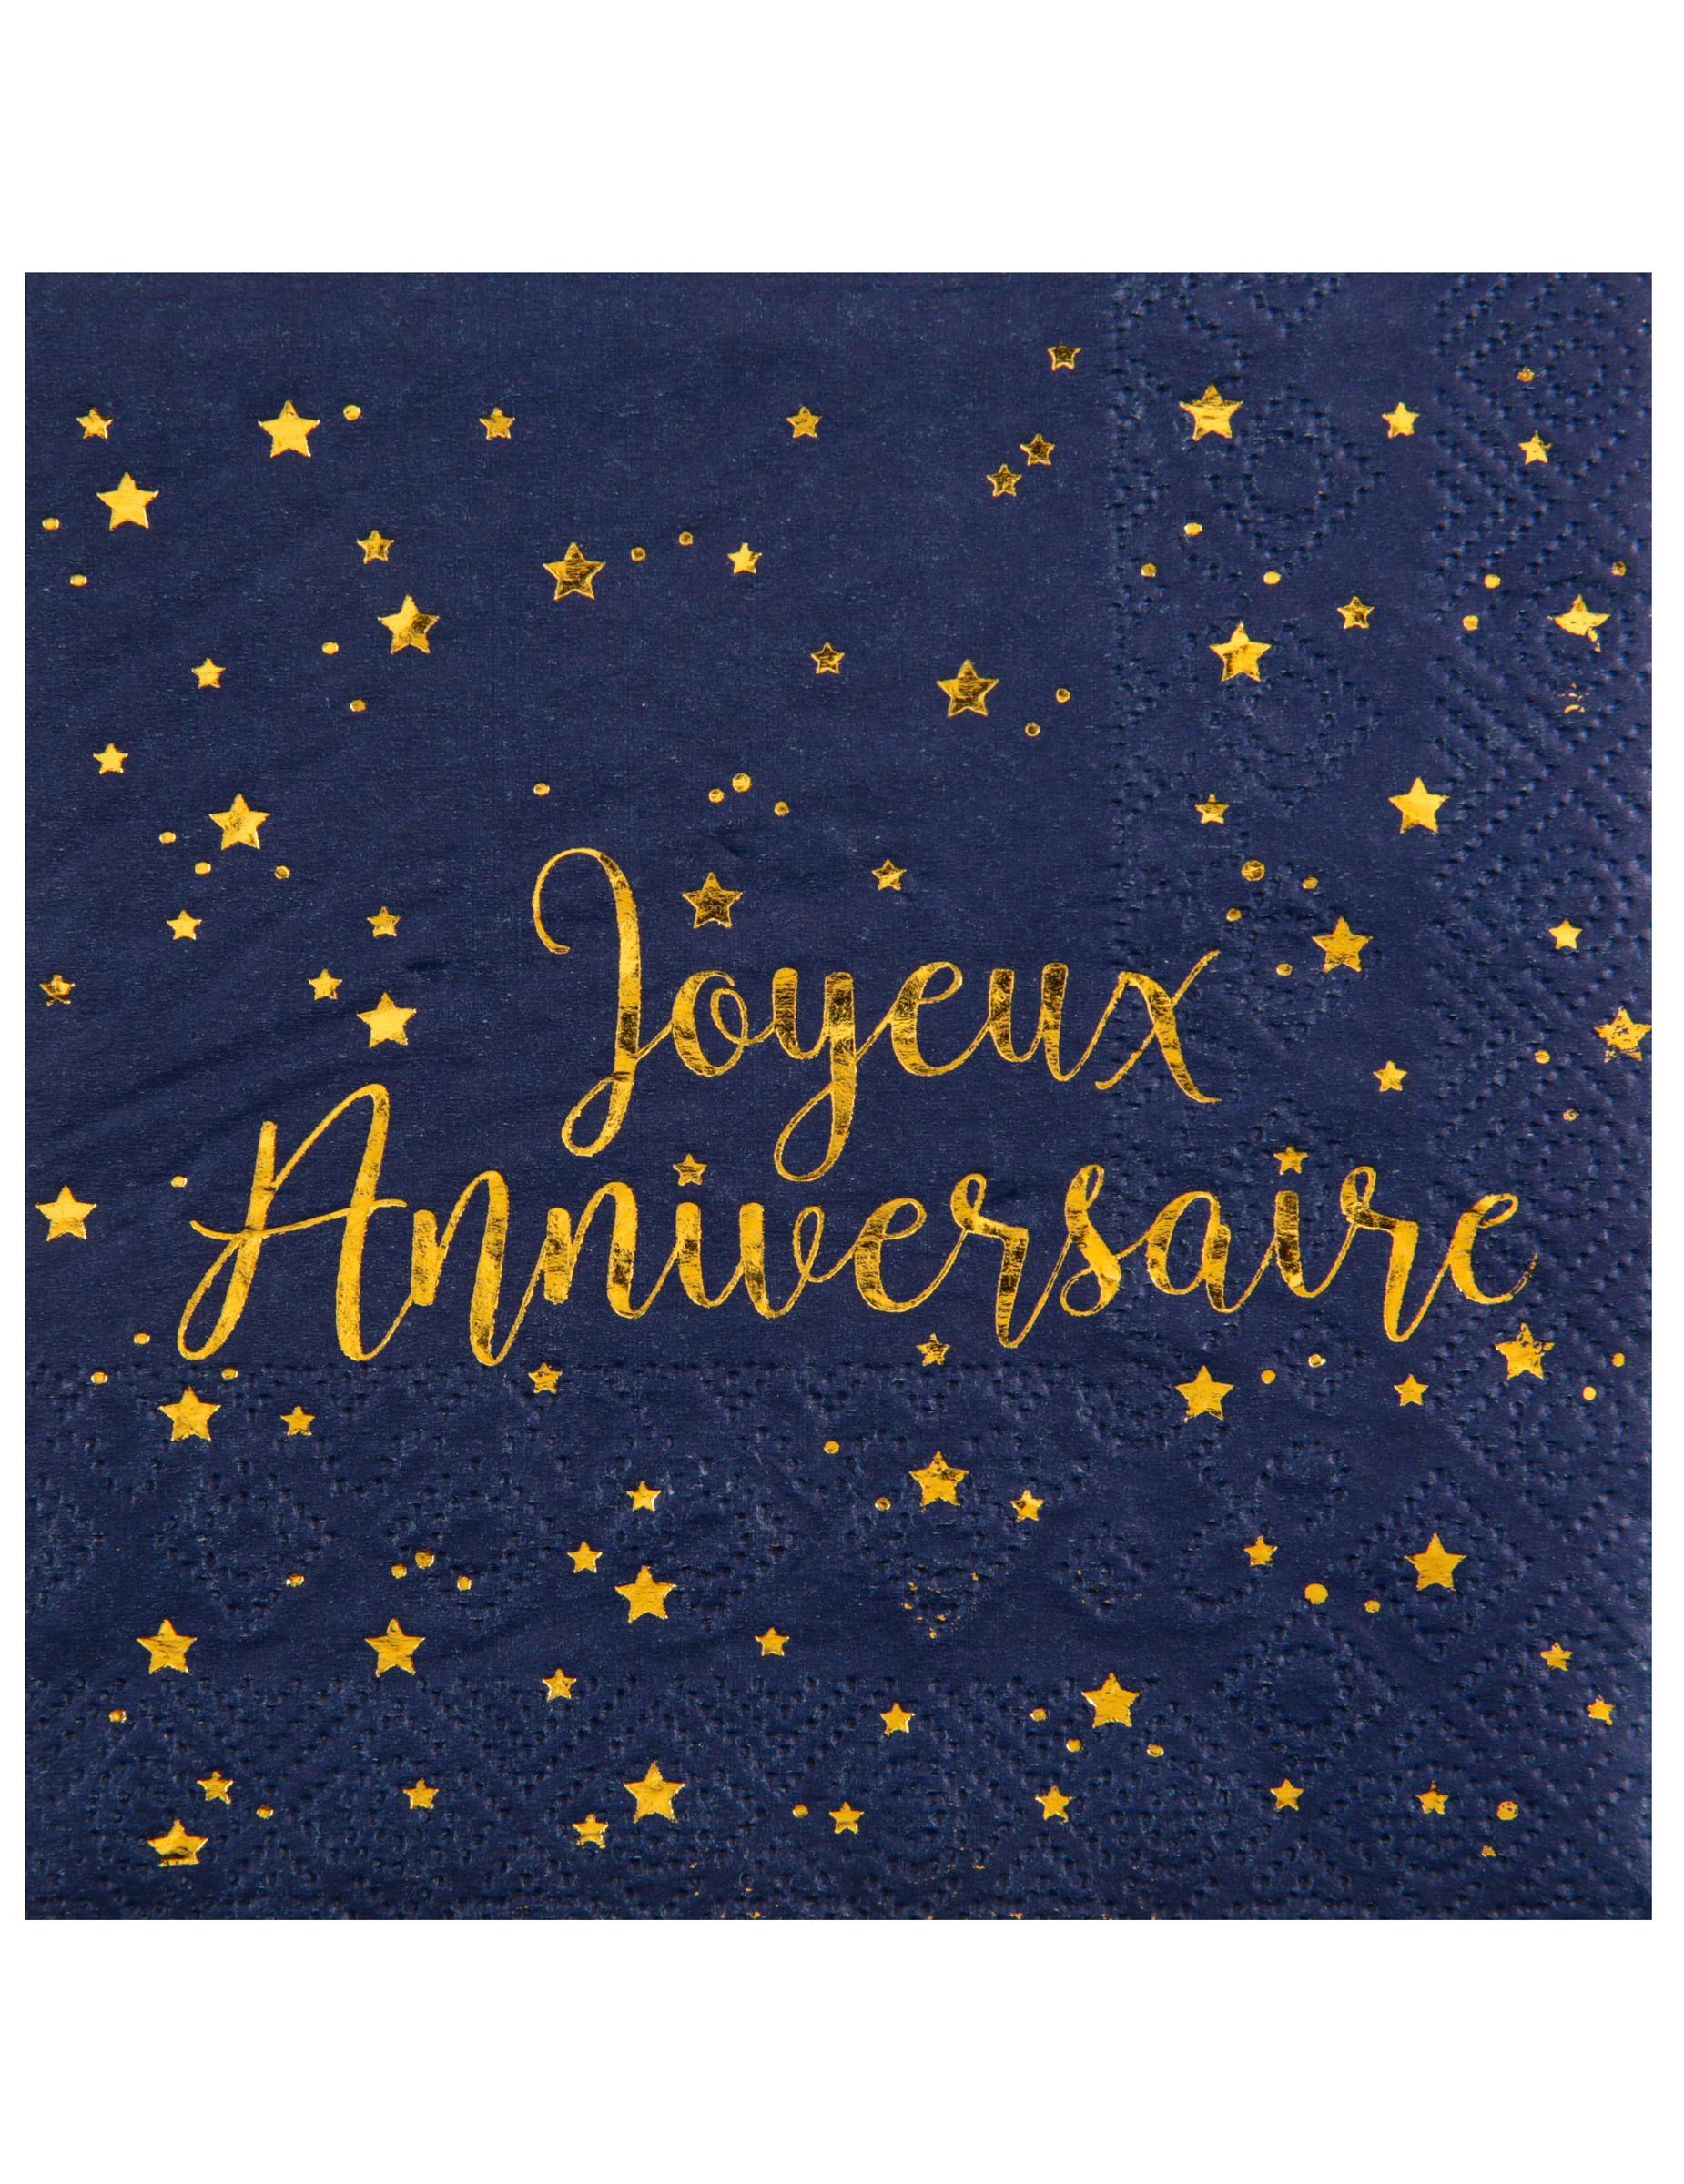 20 Serviettes Papier Joyeux Anniversaire Bleu Marine 33 X 33 Cm Decoration Anniversaire Et Fetes A Theme Sur Vegaoo Party